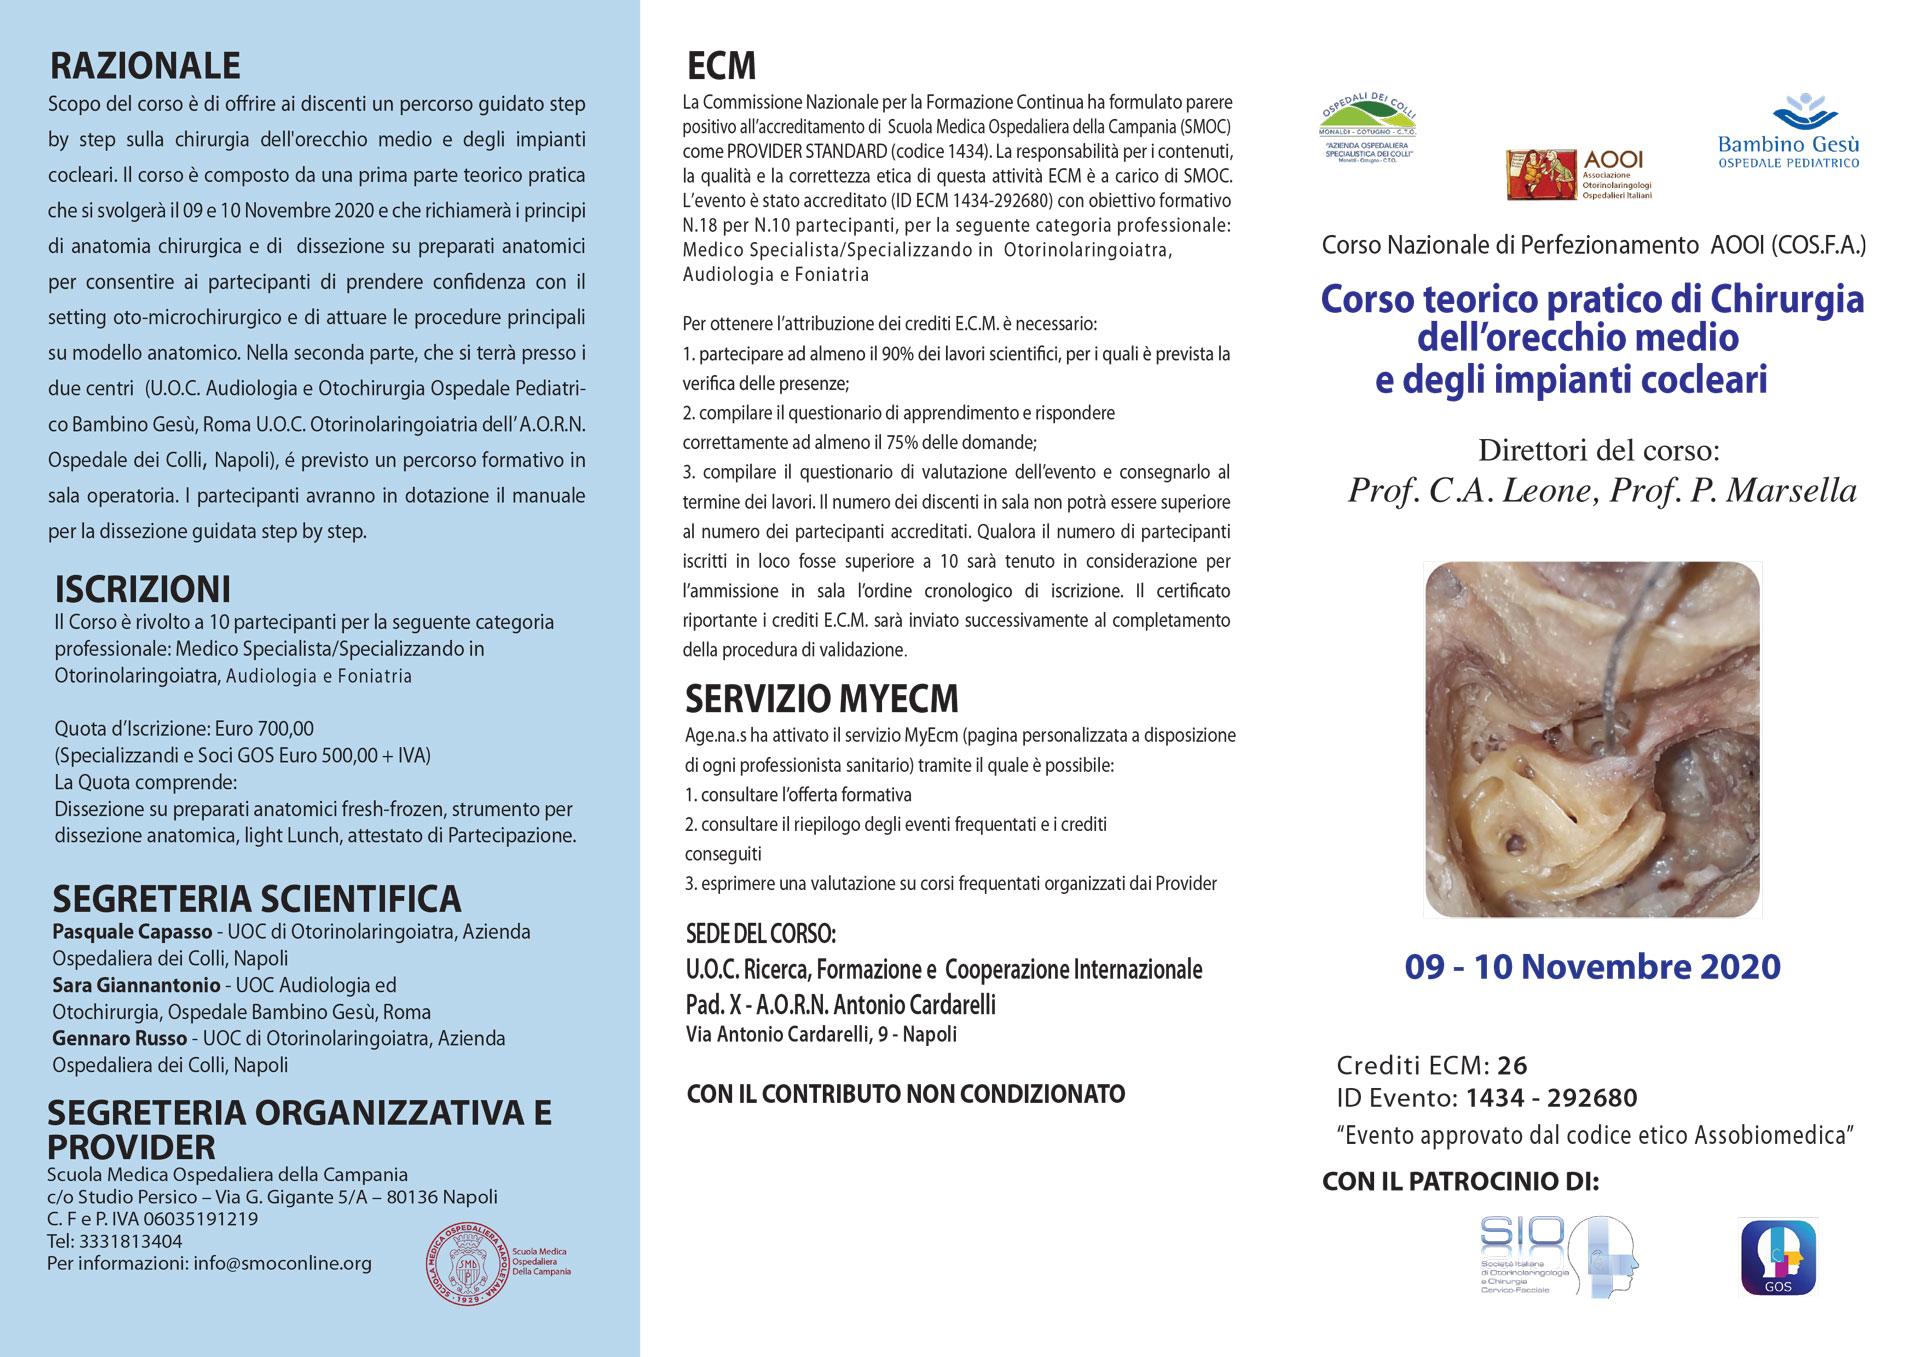 brochure_orecchiomedio_2020-1